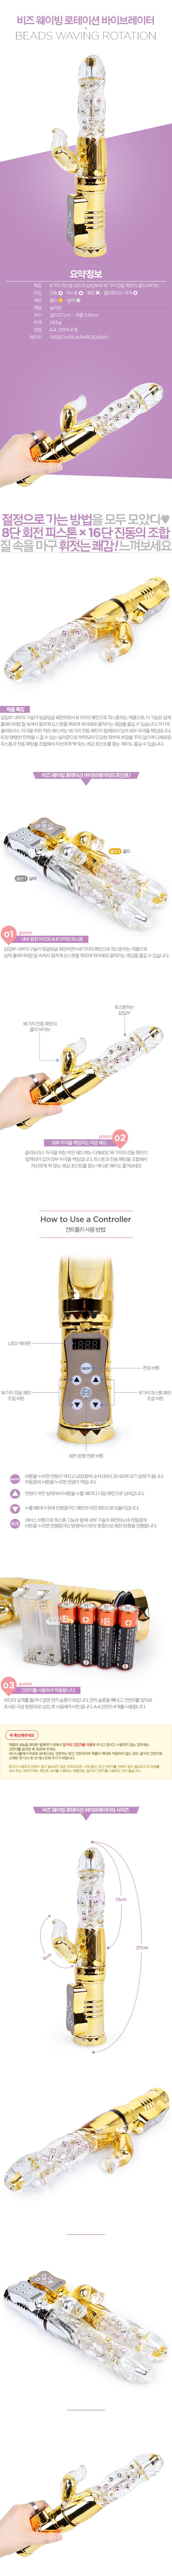 [8단 피스톤+16단 진동] 비즈 웨이빙 로테이션 바이브레이터(Aphrodisia Beads Waving Rotation Vibrator) - 아프로디시아(80010) (APR)